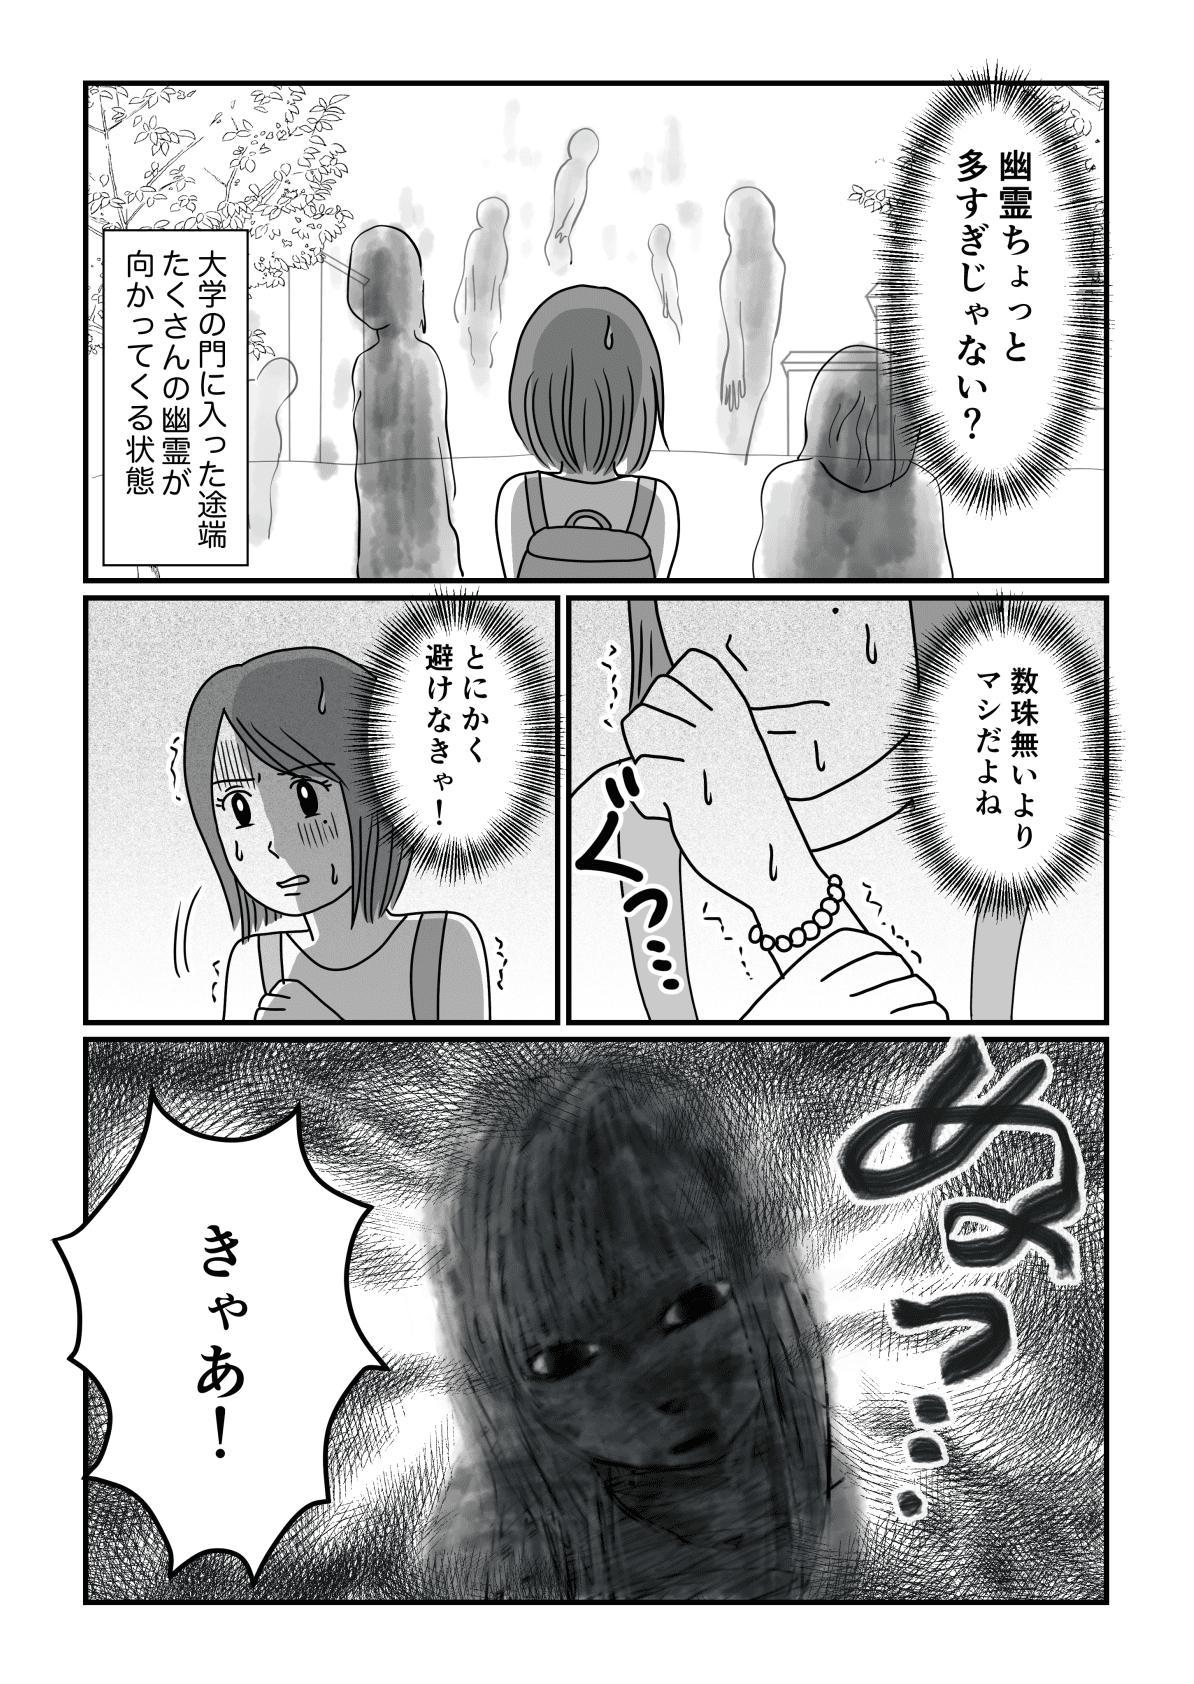 幽霊を避けて歩く友人前編2